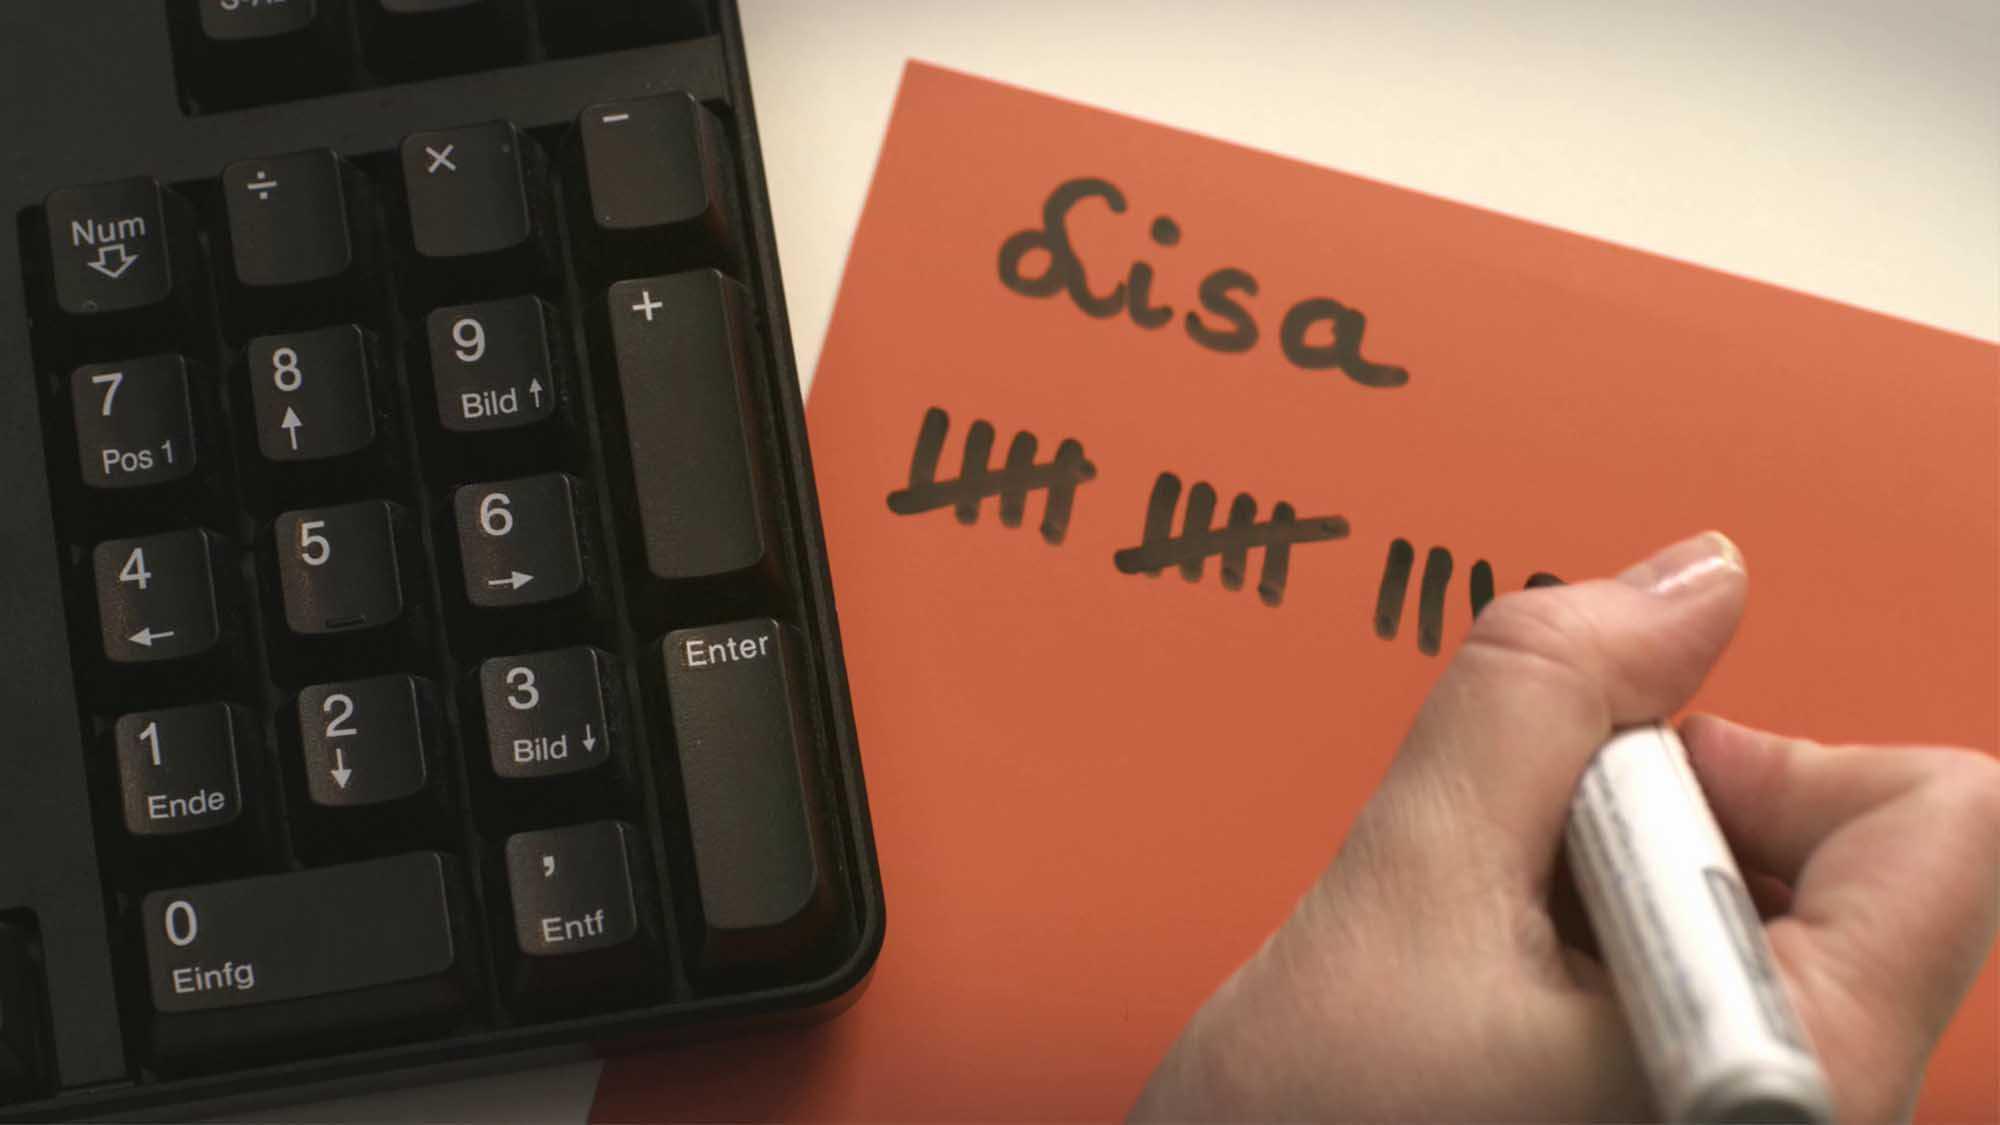 Das Bild zeigt eine orangene Karte auf der das Wort Lisa steht. Darunter sieht man eine Strichliste neben der auf der rechten Seite ein hand liegt die einen Stift in der Hand hält. Links sieht man einen Teil einer Tastatur. Das Bild dient als Sliderbild für den Portfolioeintrag Mastercard mc-bizz von Panda Pictures.